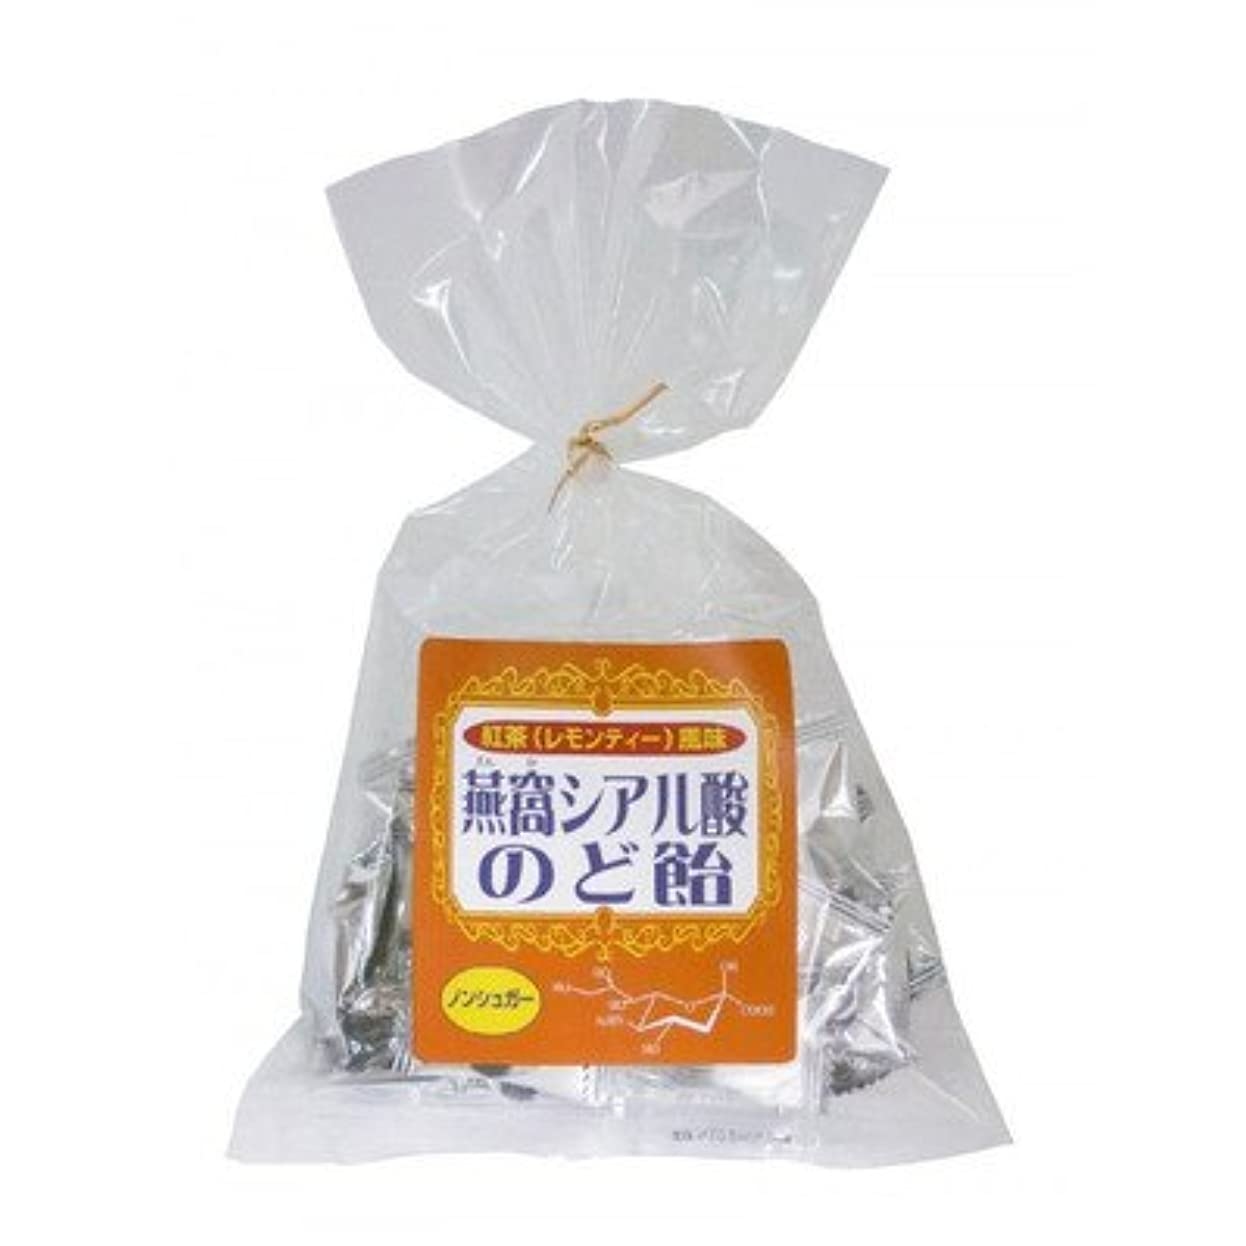 原理配分ペインギリック燕窩シアル酸のど飴ノンシュガー 紅茶(レモンティー)風味 87g×3袋